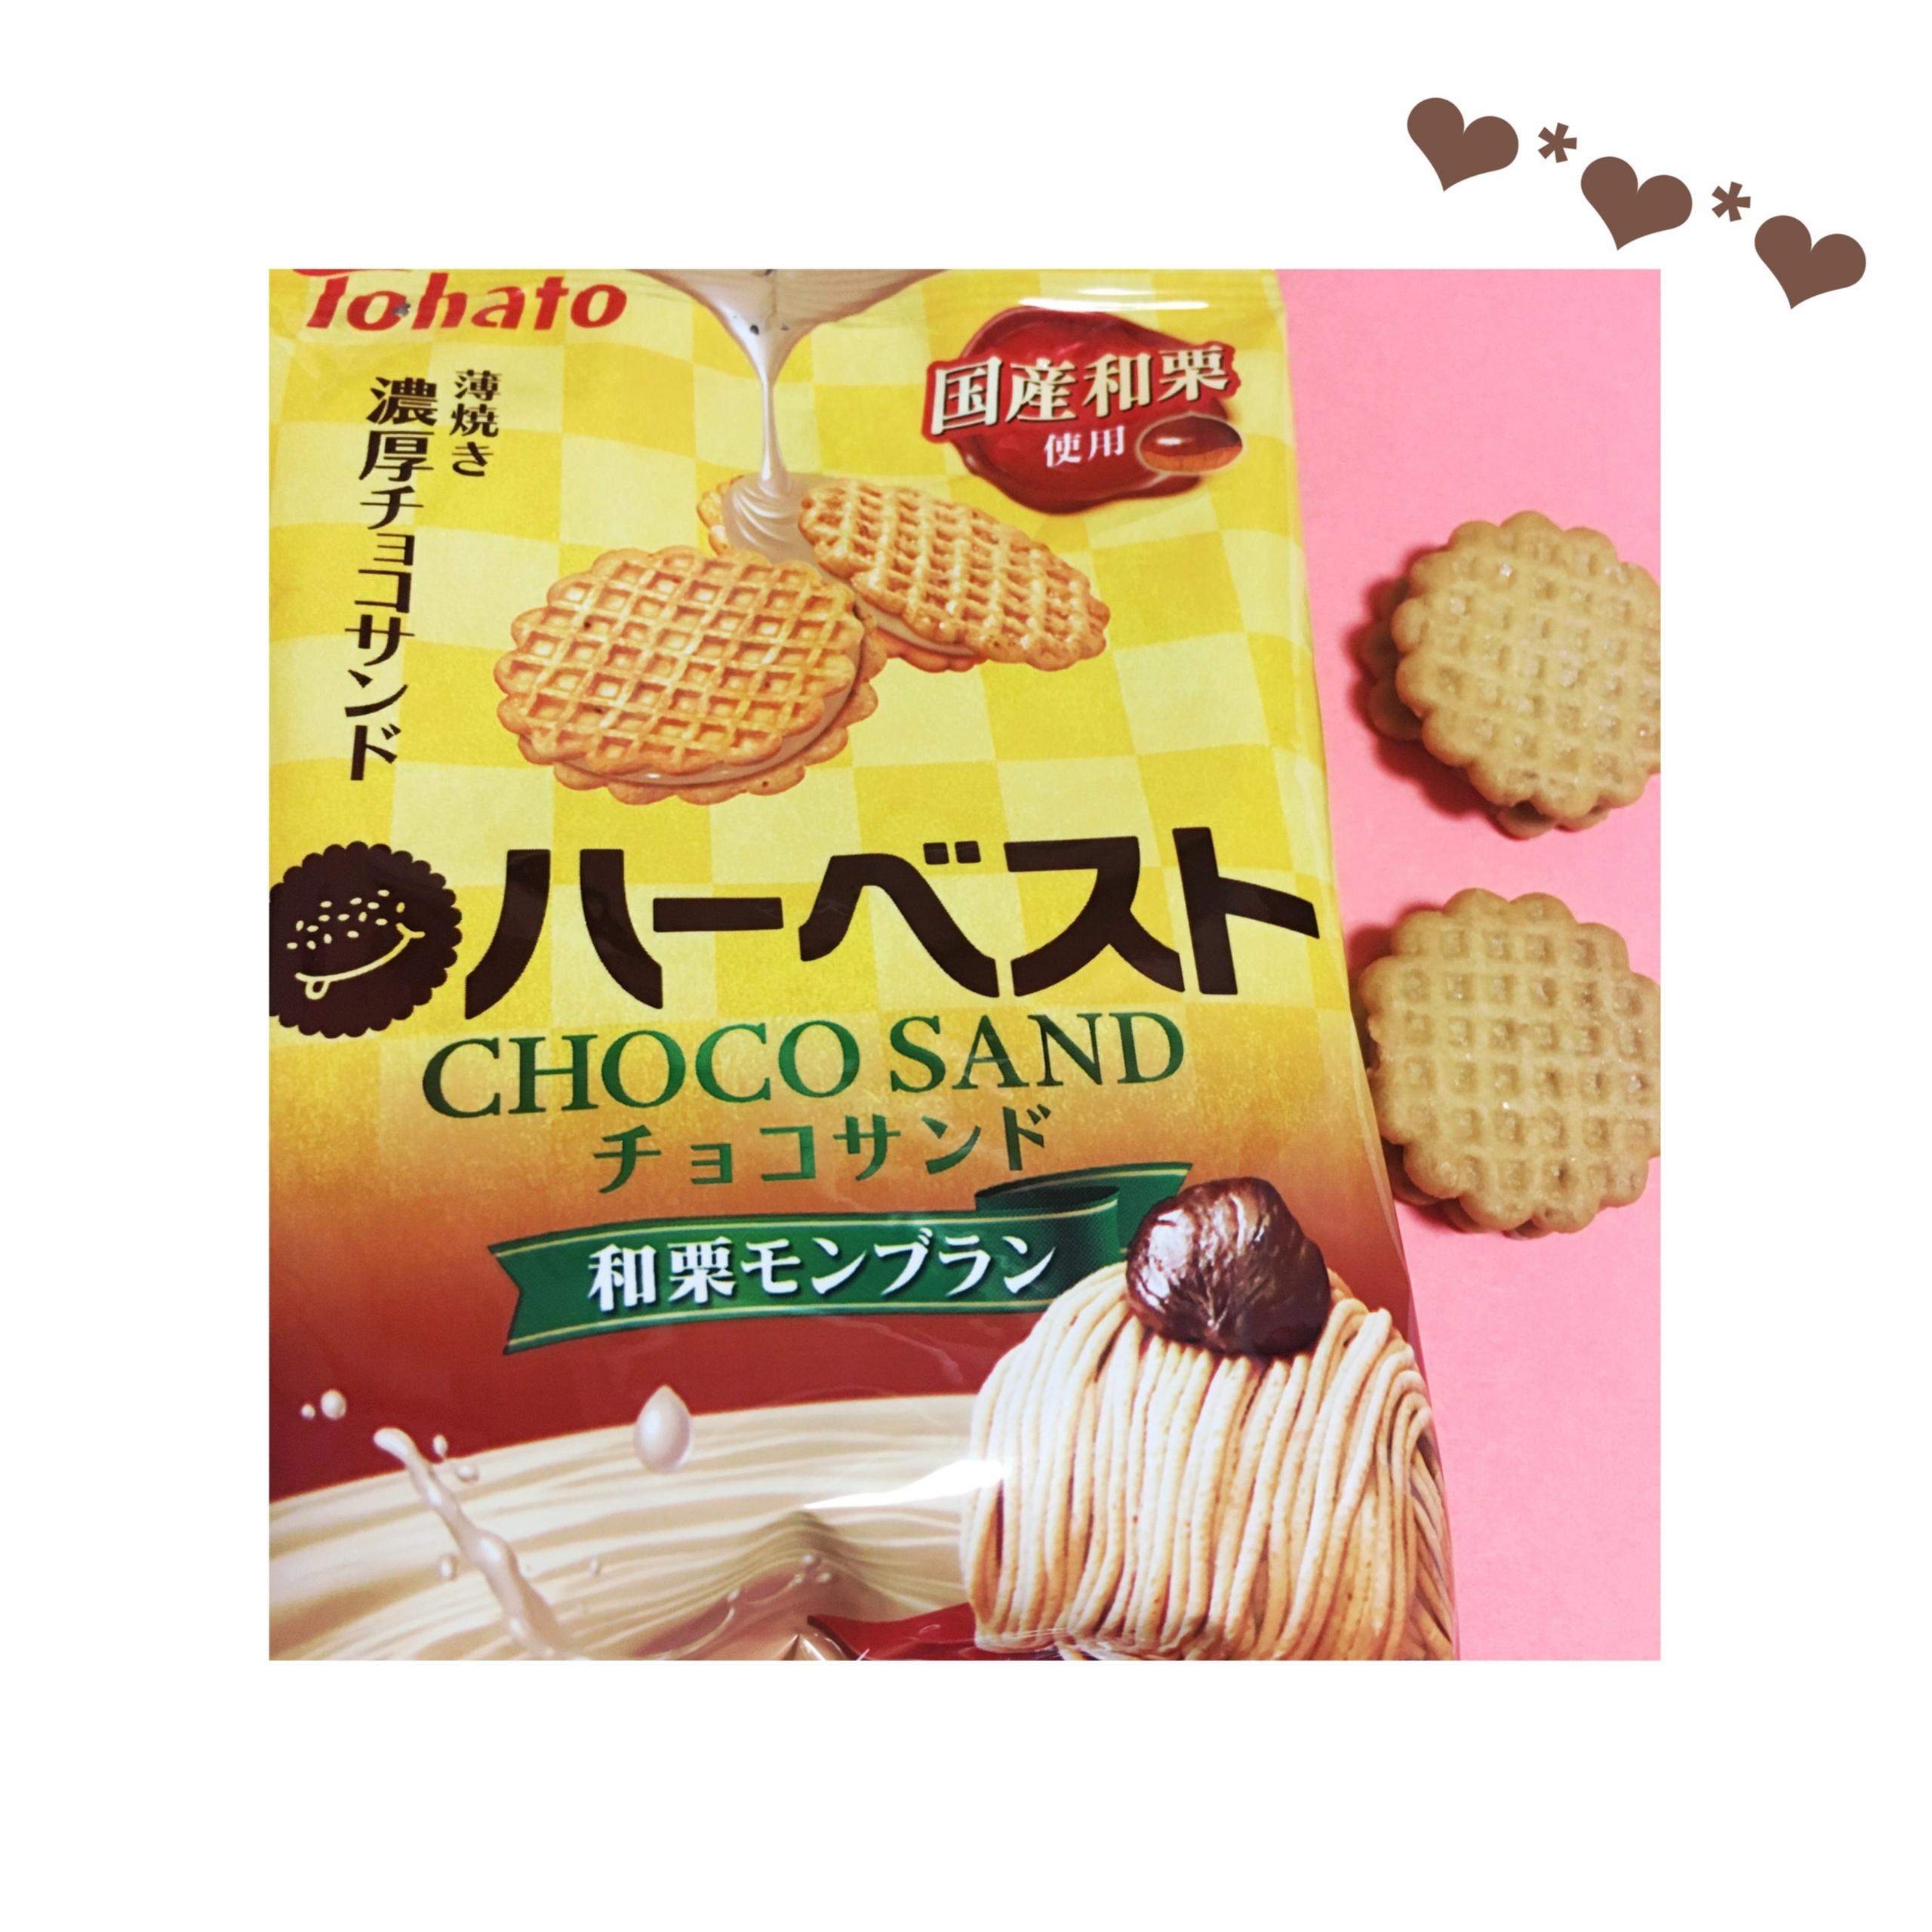 コンビニお菓子も《秋モード❤️》【今週発売】のおすすめお菓子3選★_2